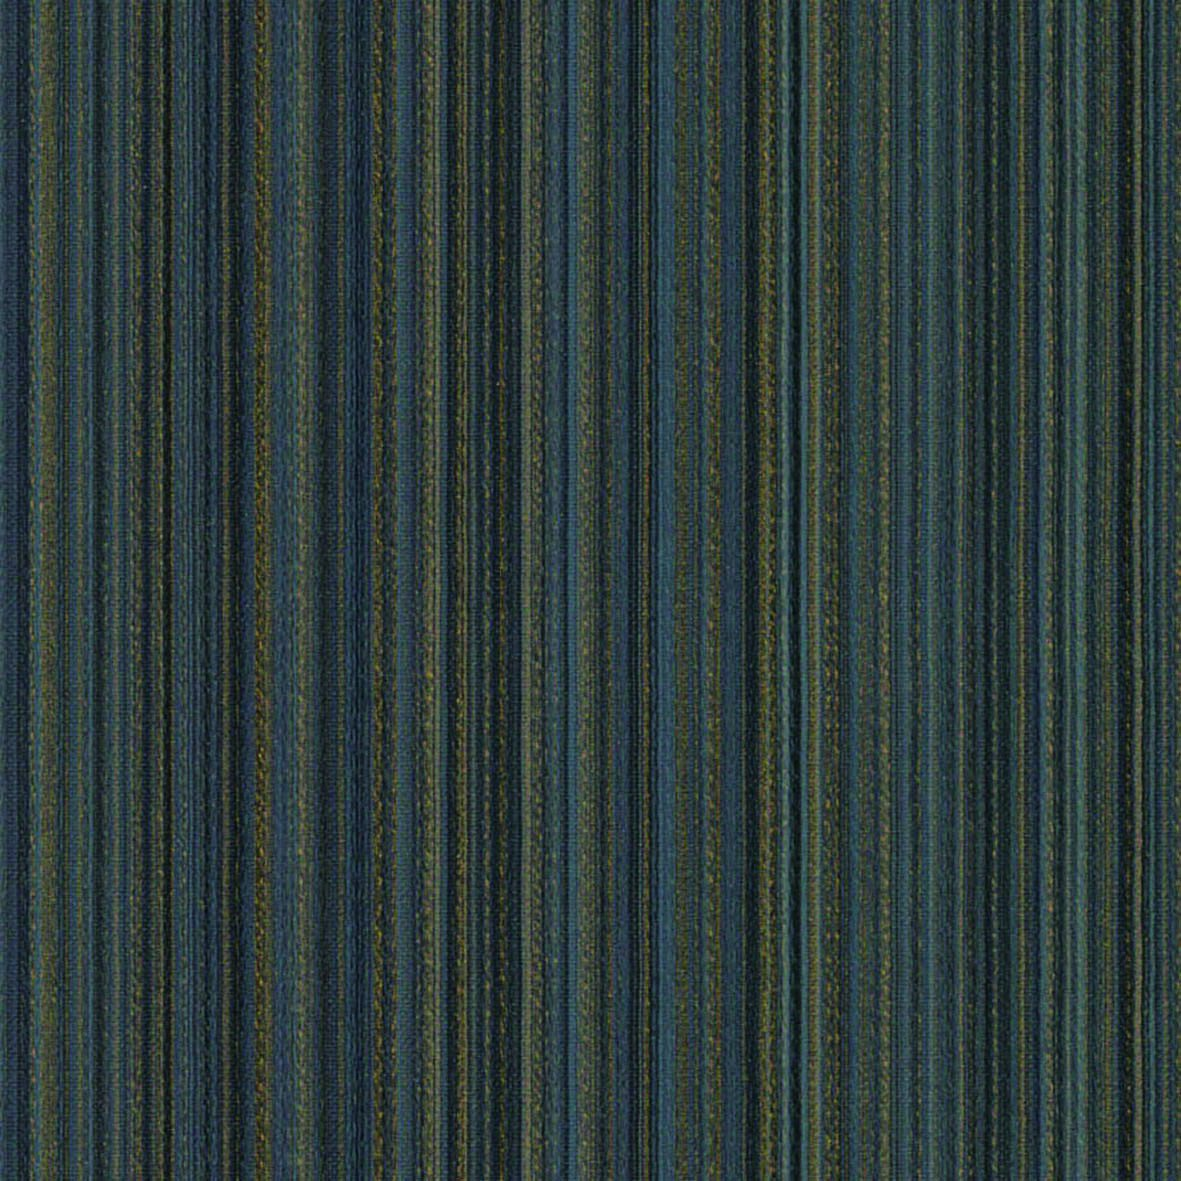 リリカラ 壁紙45m シック ストライプ ミックス LL-8742 B01N3SIYUZ 45m|ミックス